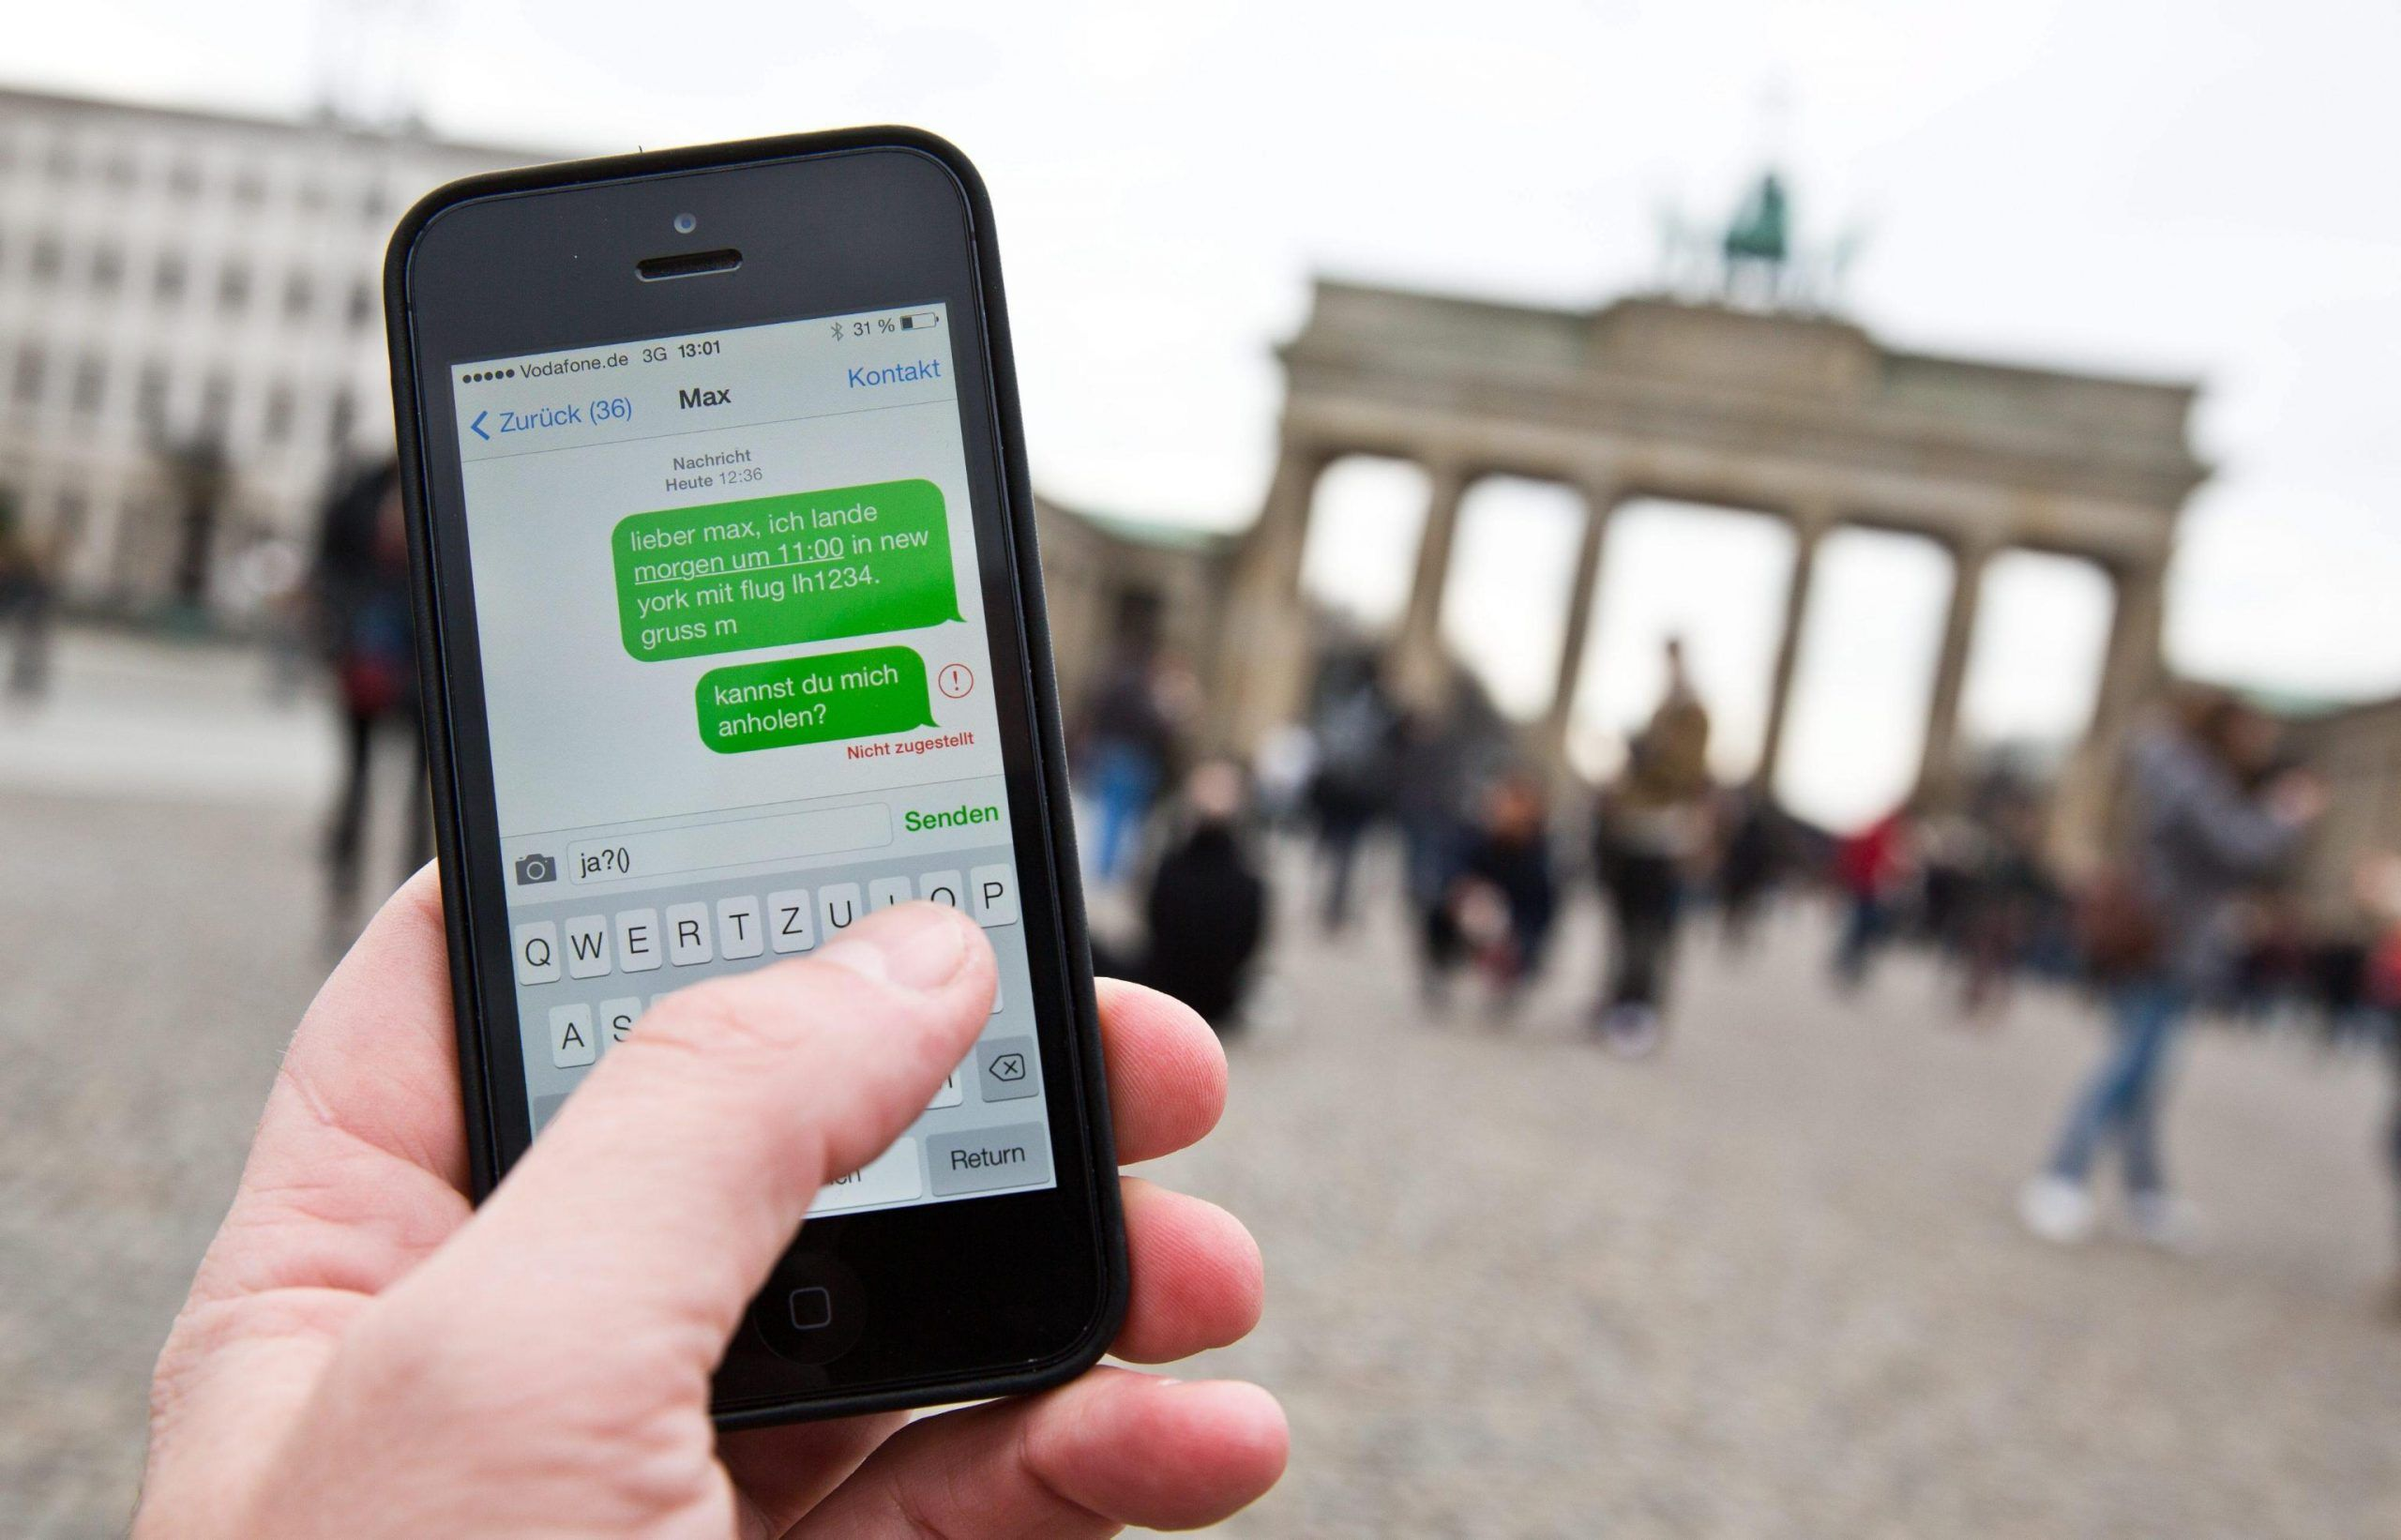 Dati personali su cellulare e web: con le nuove norme sarà sorveglianza di massa?